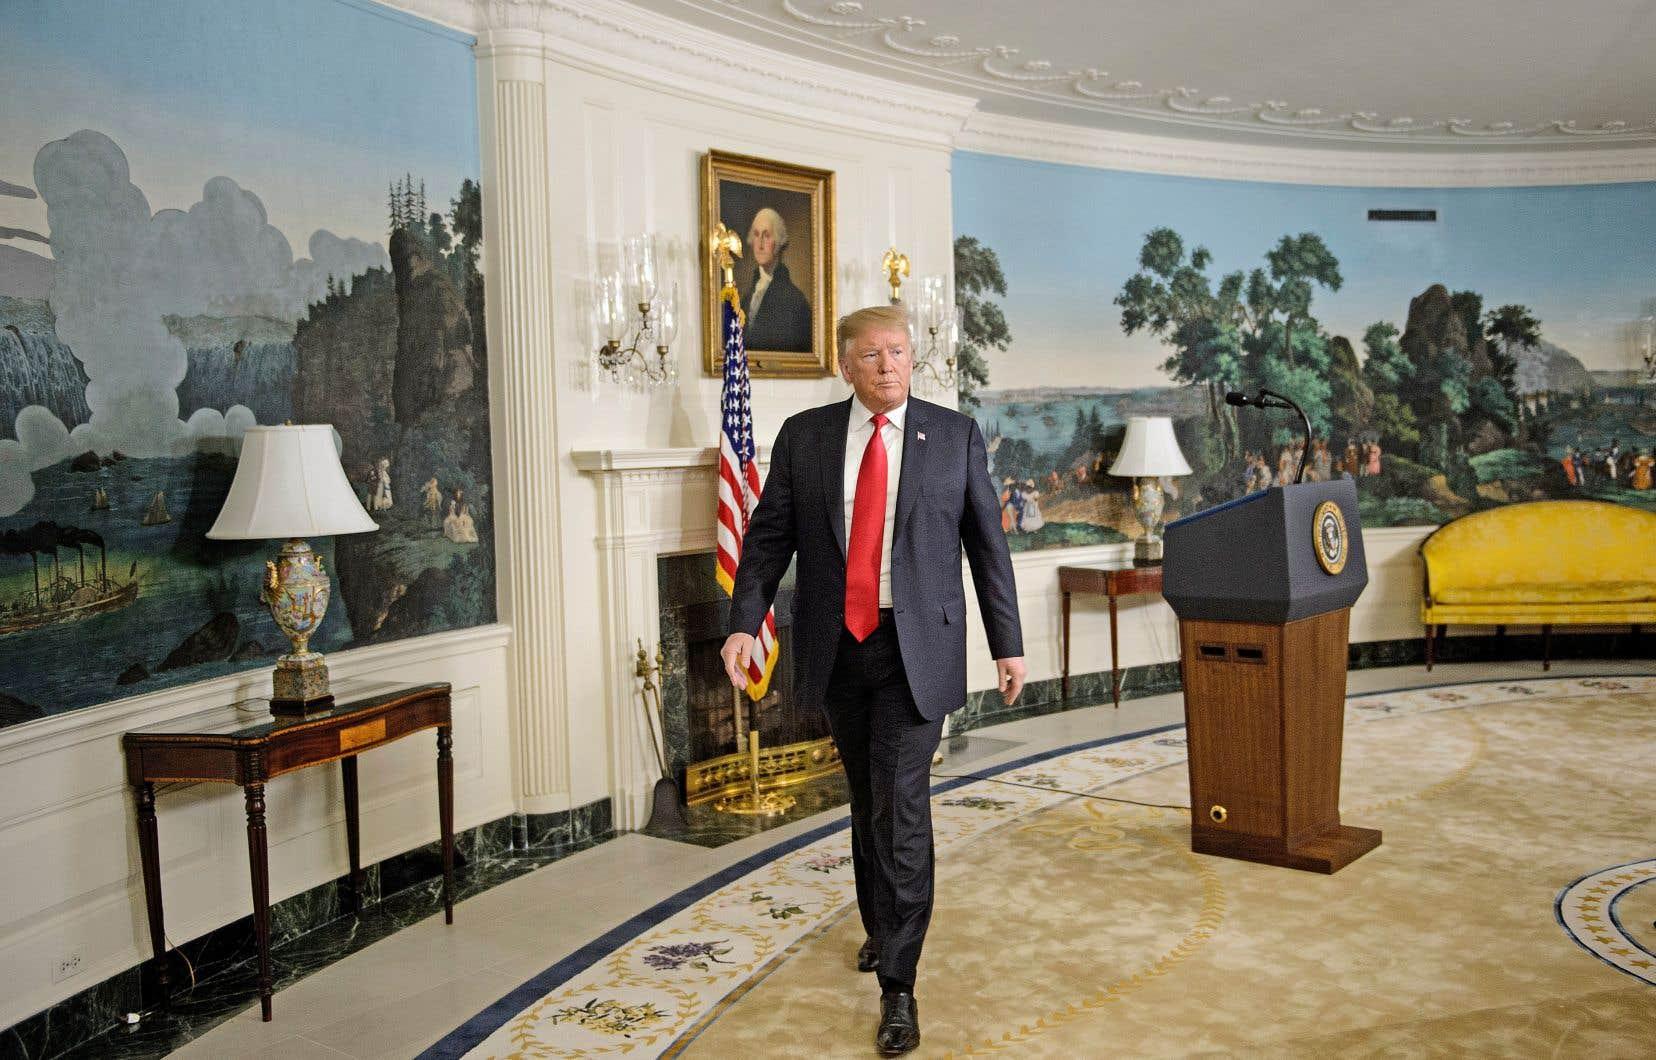 Le président quittant la salle de la Maison-Blanche, où il a annoncé sa proposition pour mettre fin à la paralysie partielle, samedi